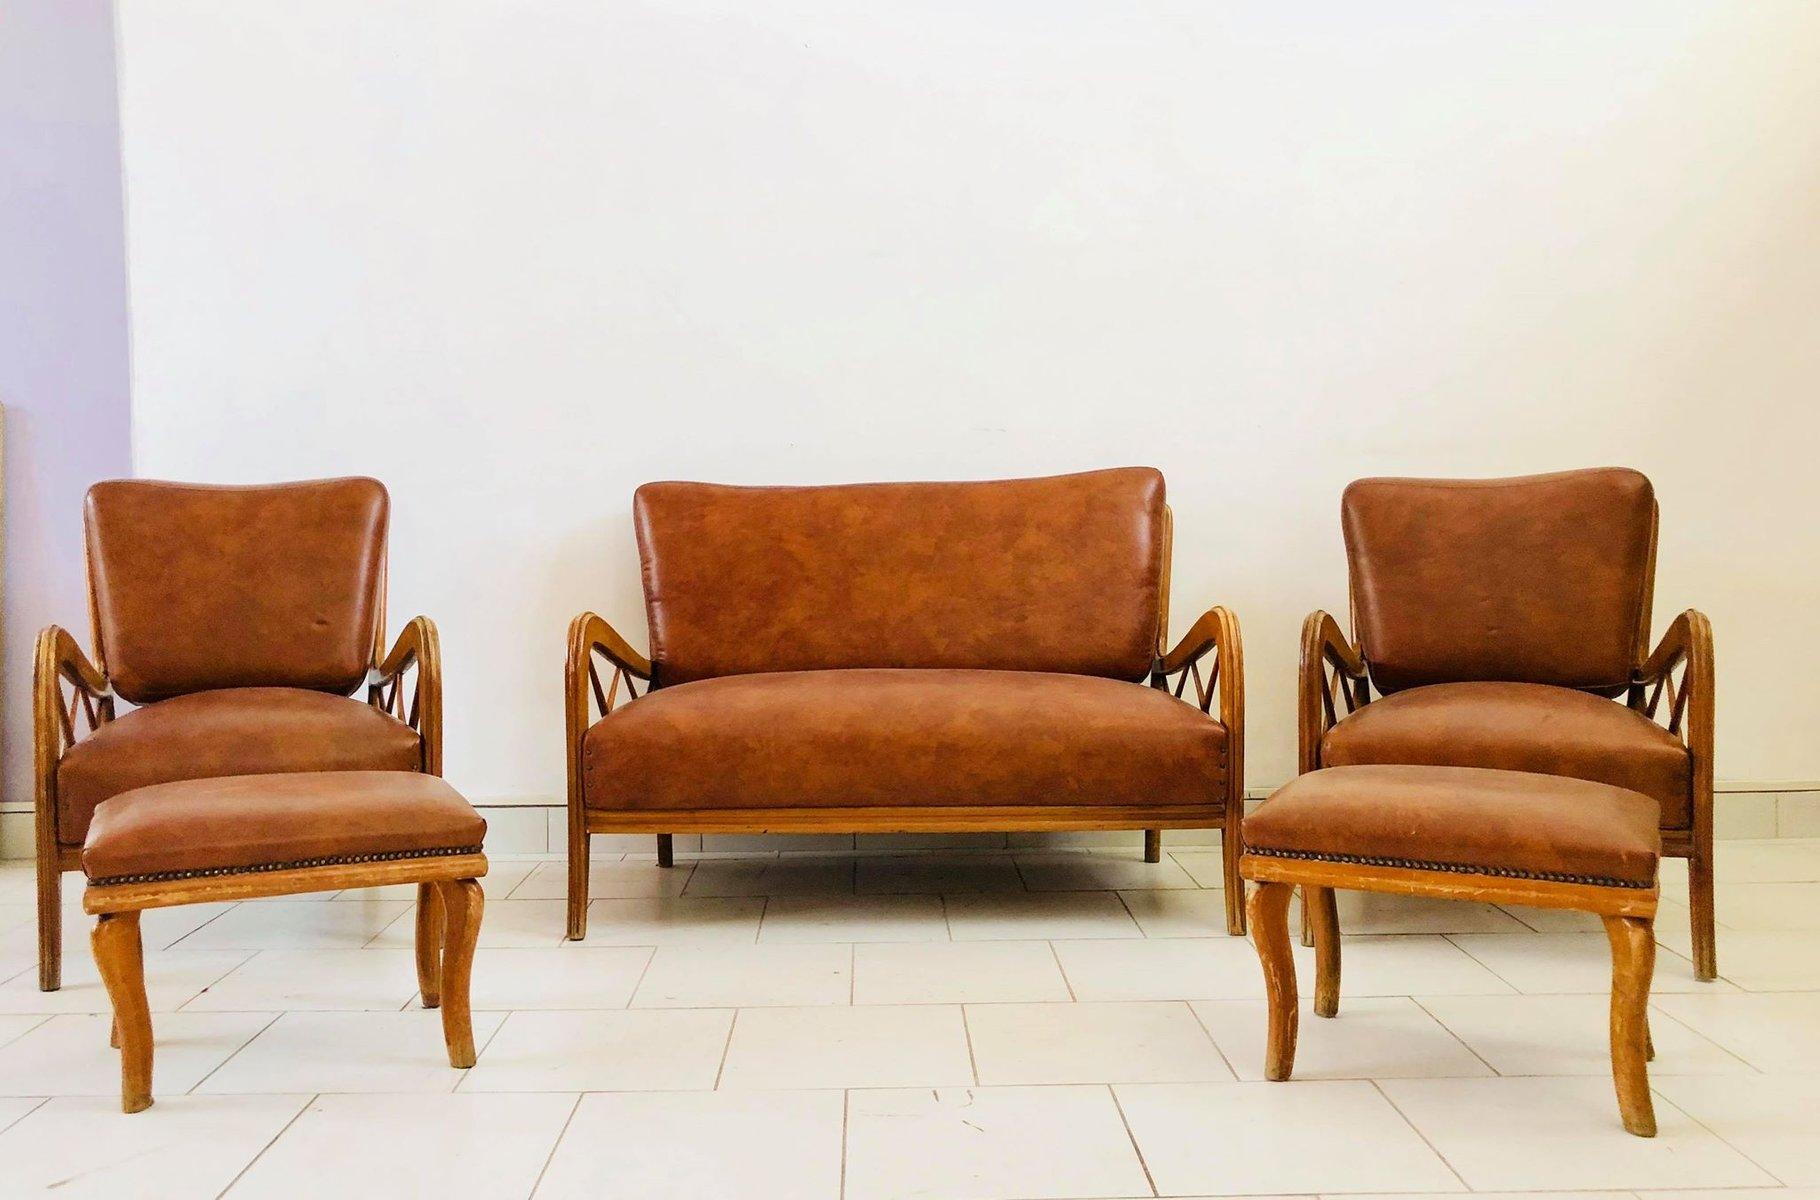 italienisches vintage 2 sitzer sofa von paolo buffa 1950er bei pamono kaufen. Black Bedroom Furniture Sets. Home Design Ideas